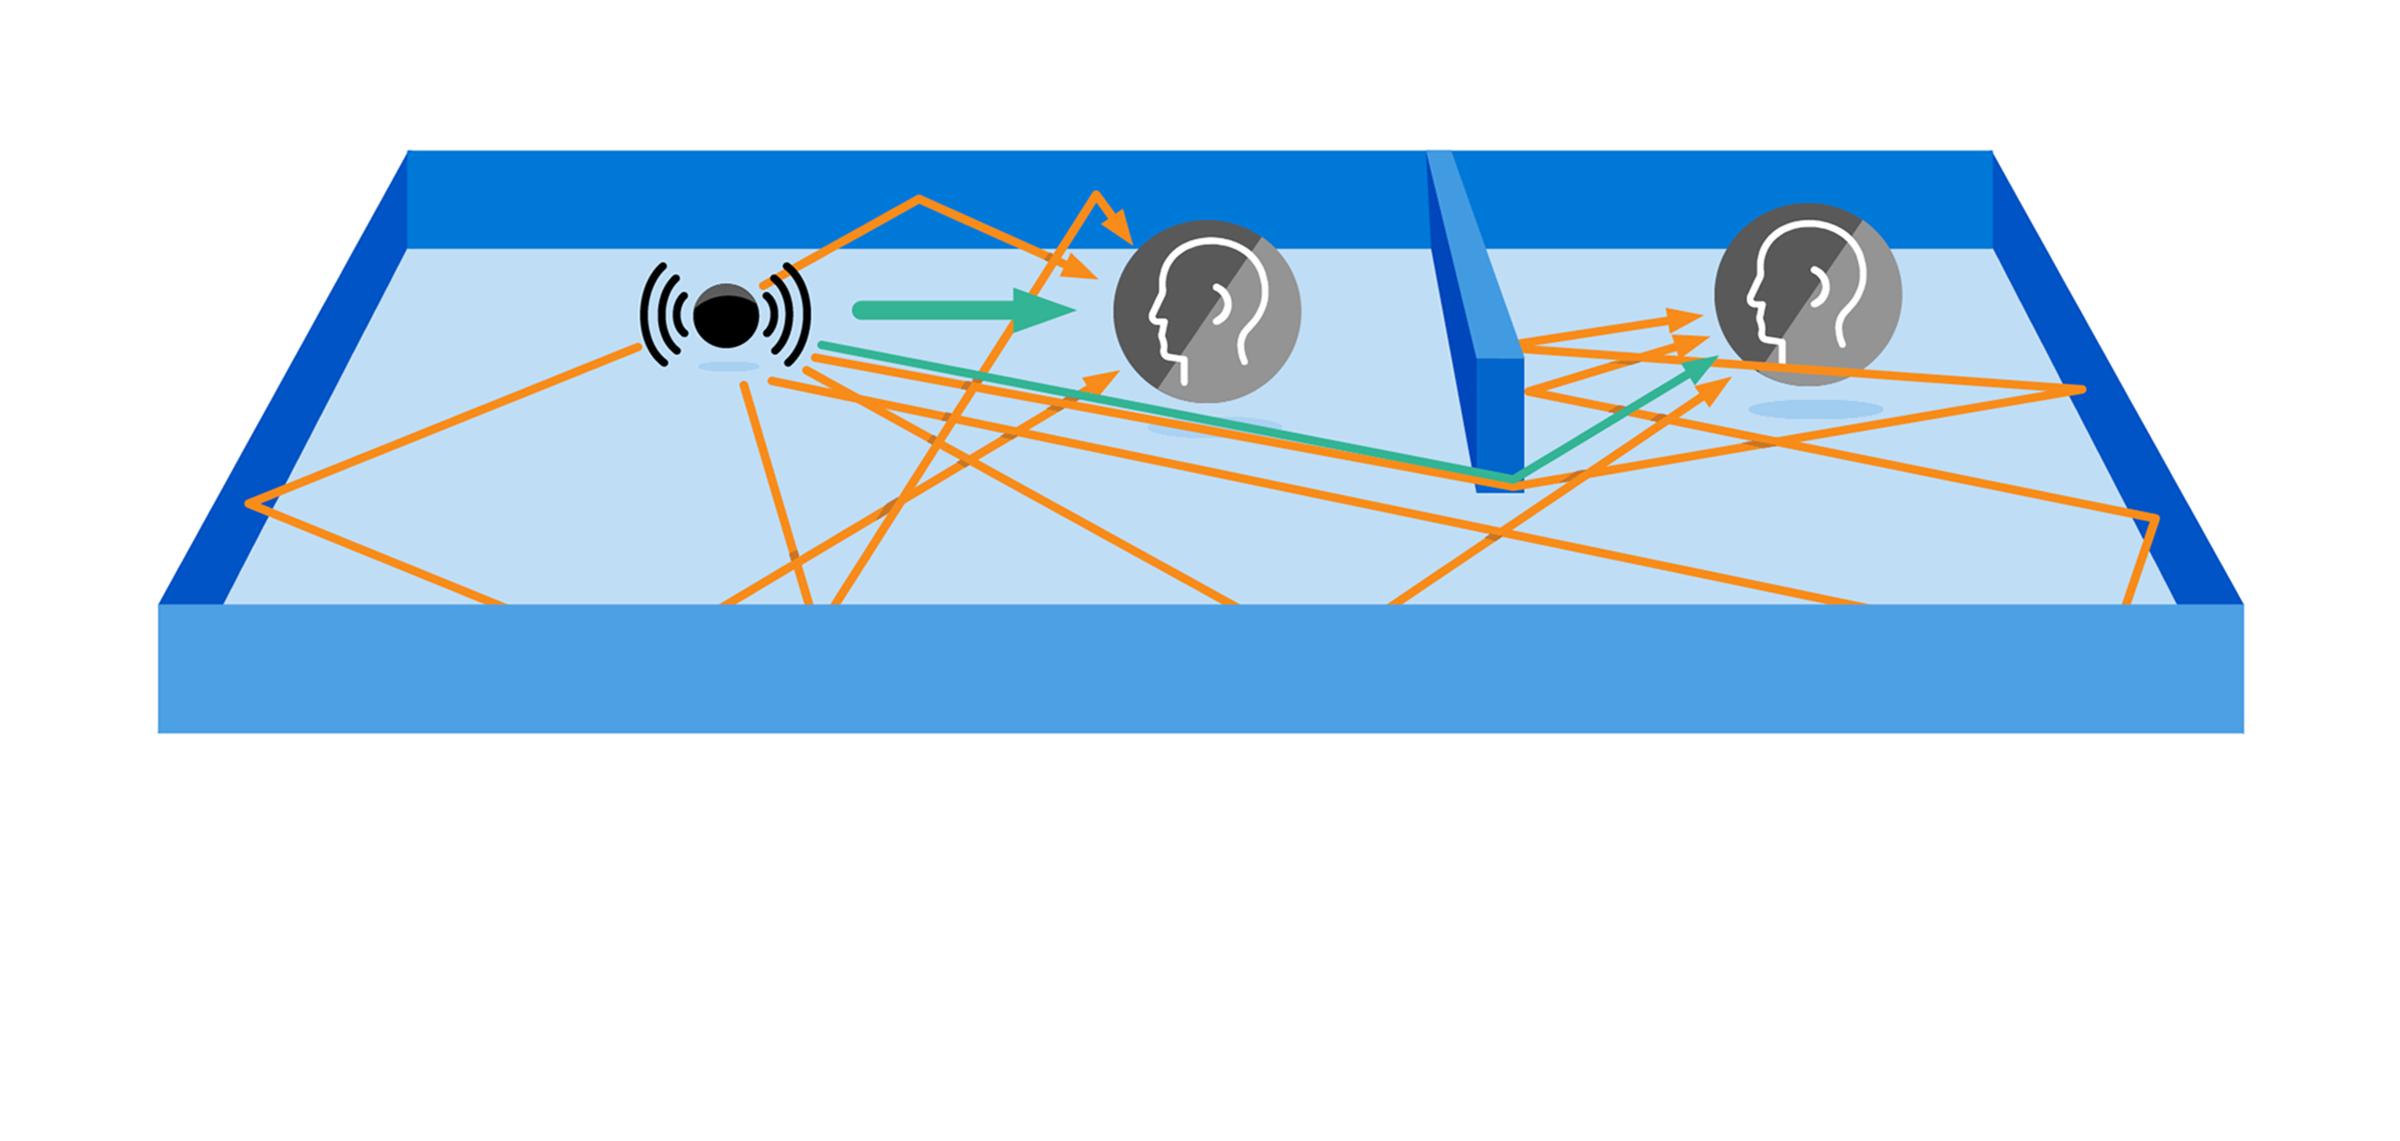 Project Triton sound reverberance